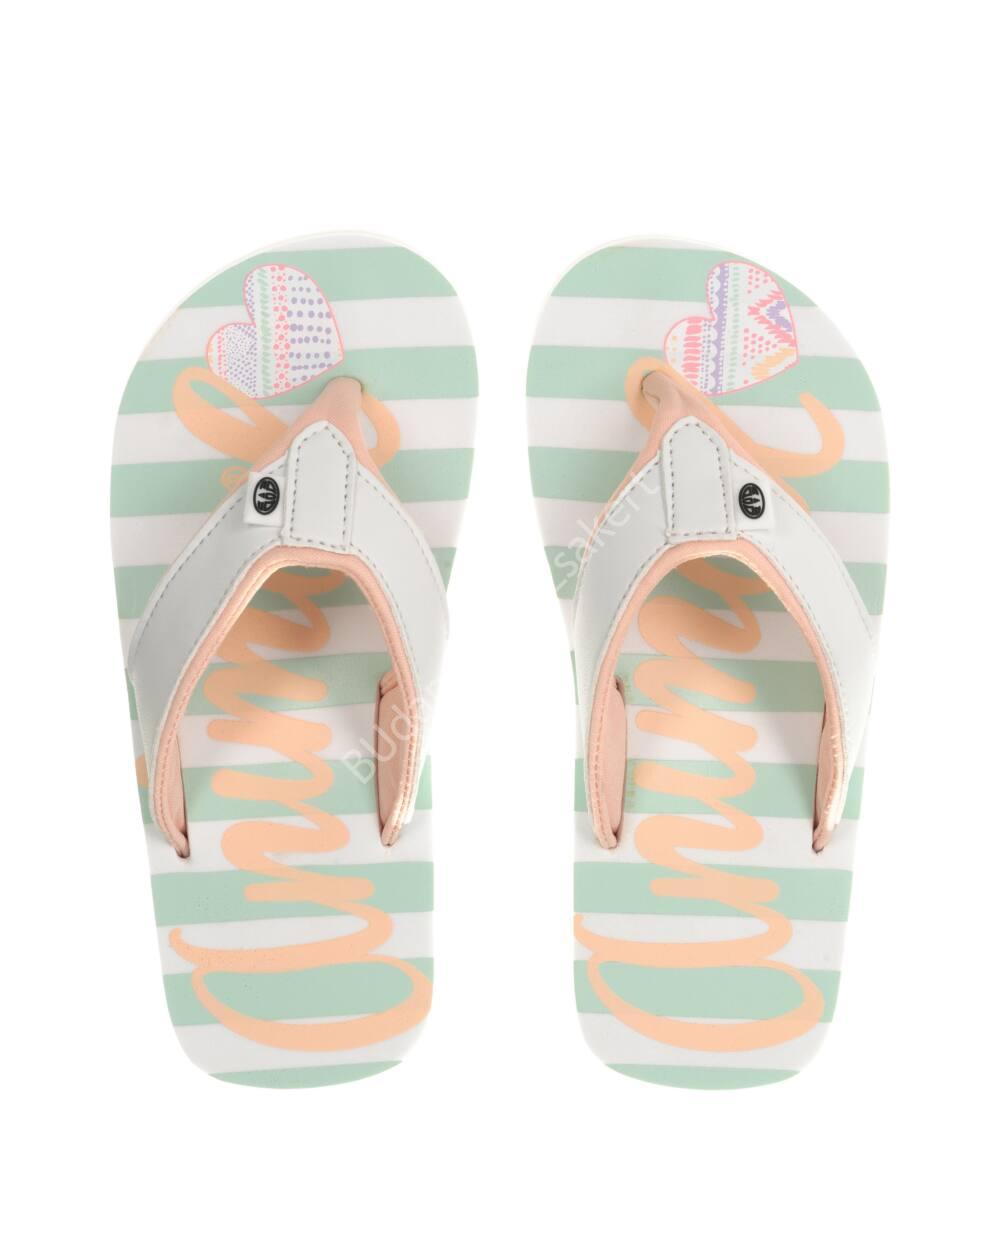 Animal Swish flip-flop papucs lányoknak, fehér